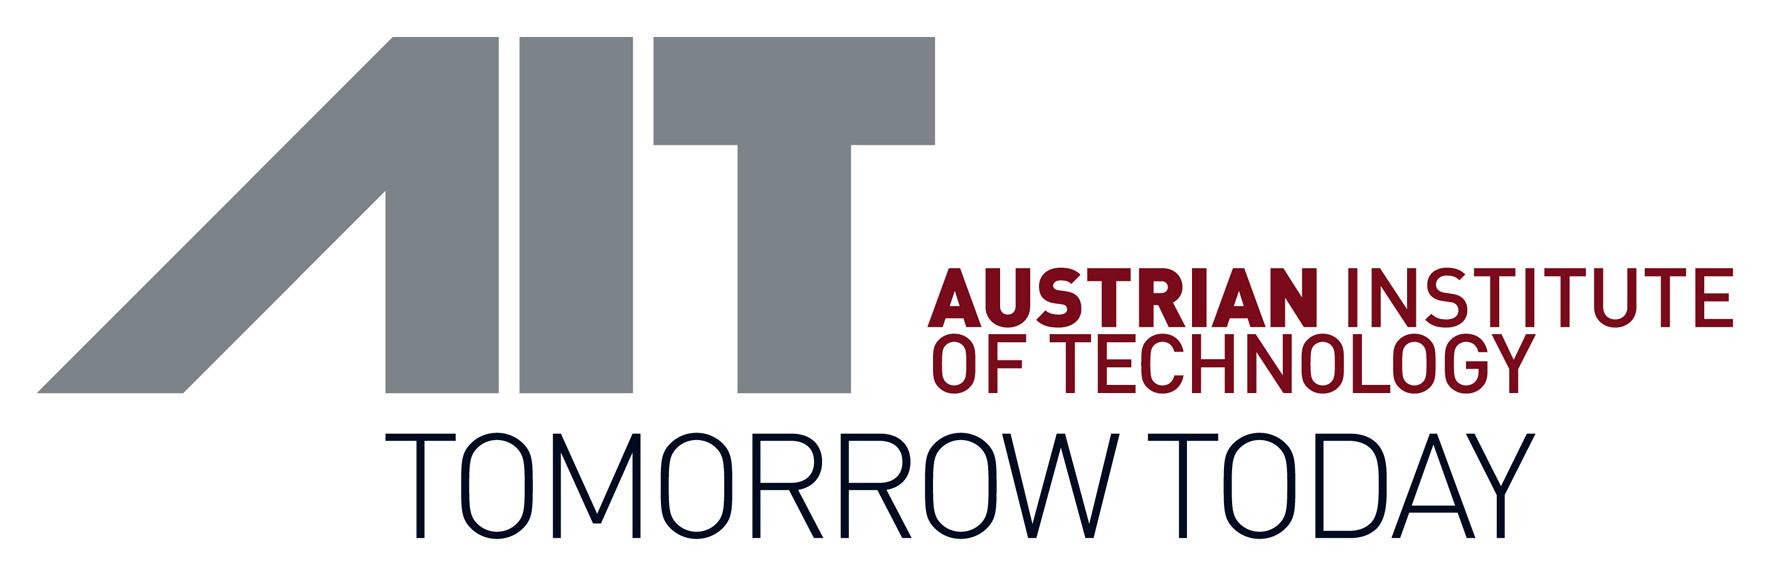 AIT logo